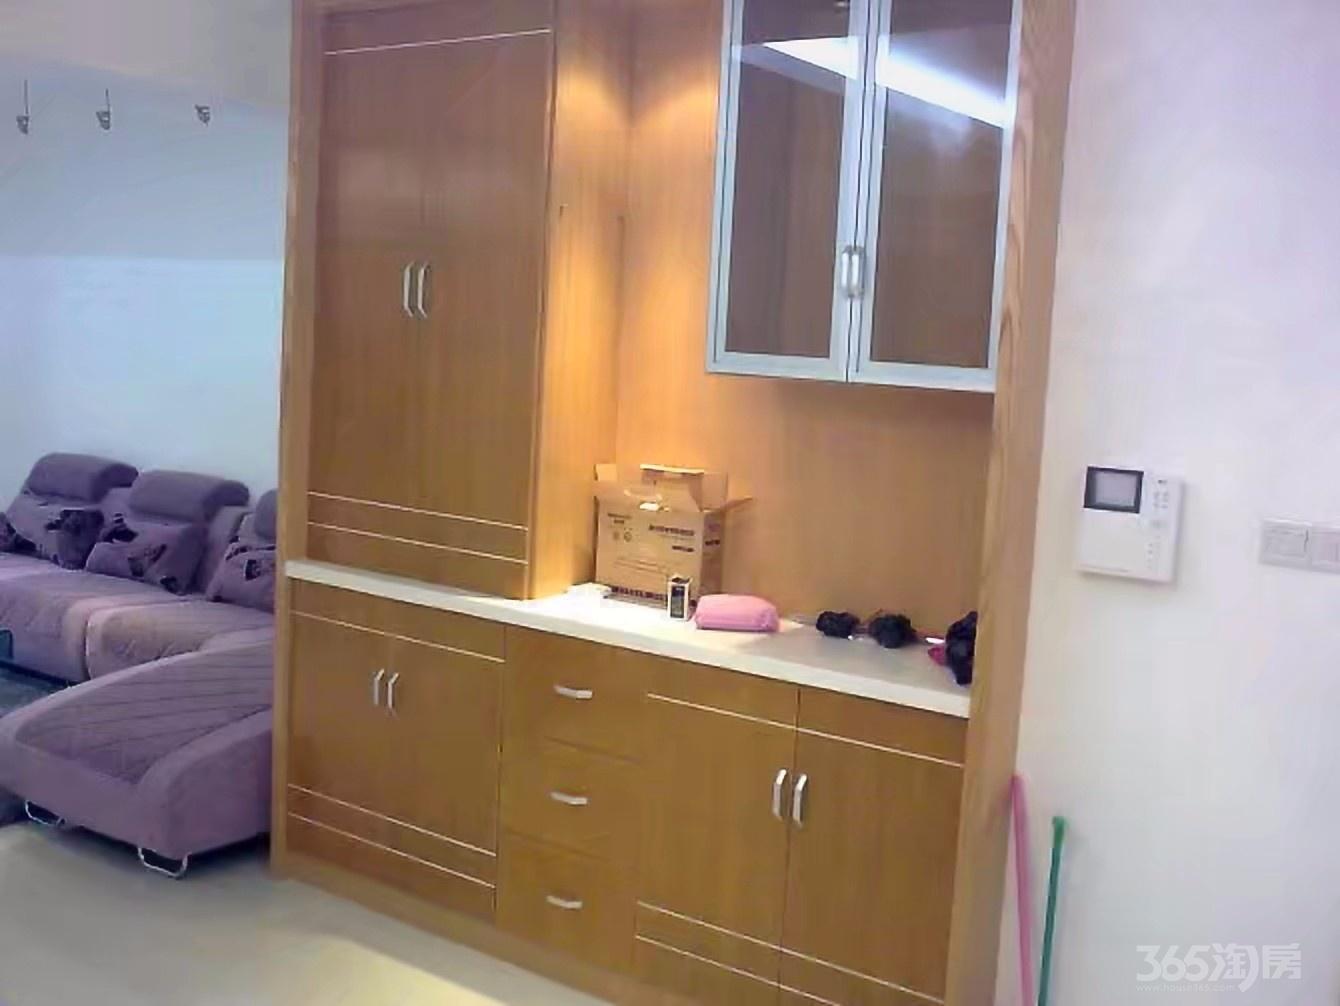 旭日上城3室2厅1卫108平方米270万元